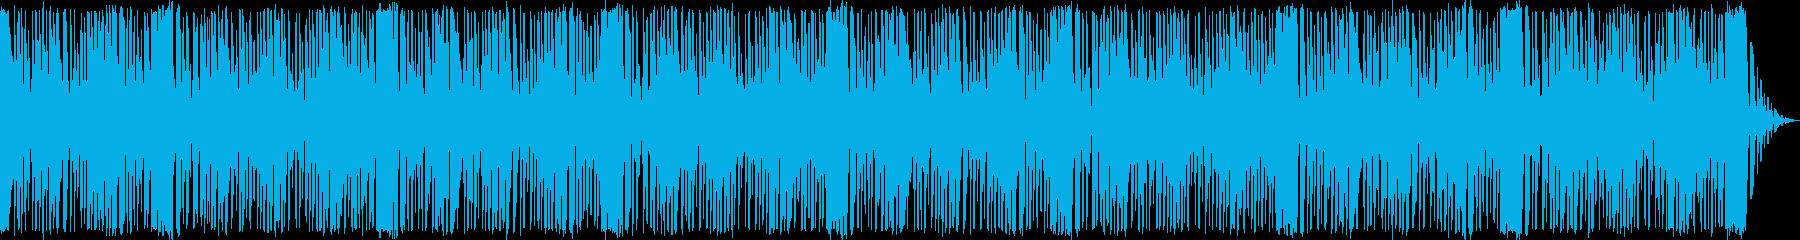 明るい定番のブラスセクション!の再生済みの波形